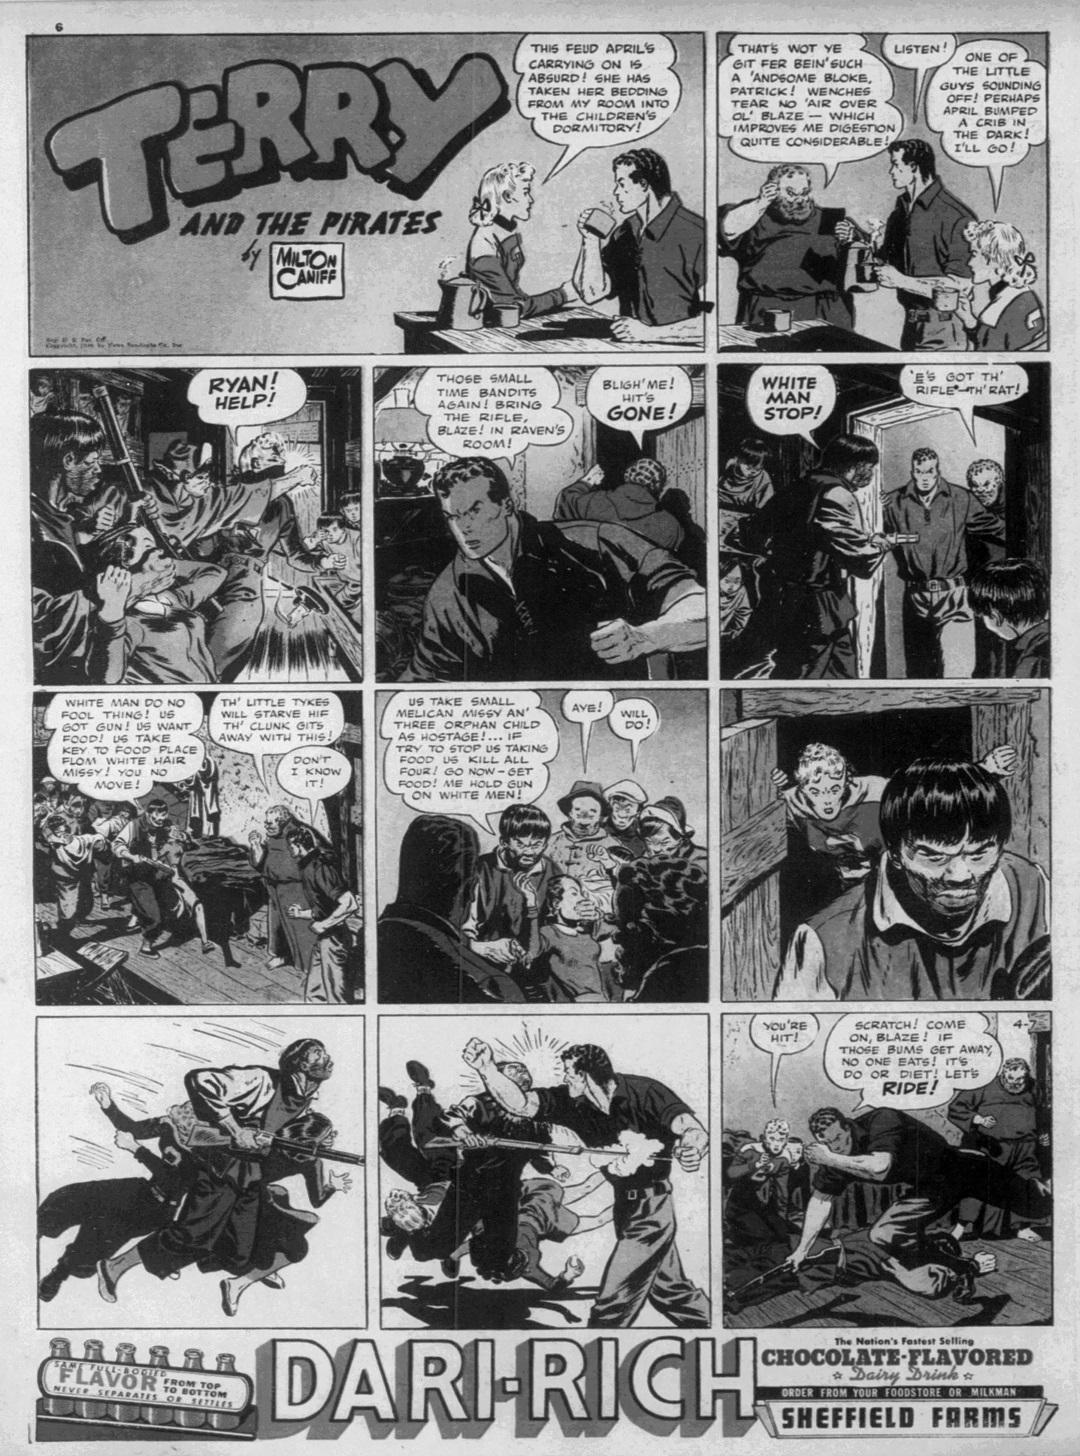 Daily_News_Sun__Apr_7__1940_(6).jpg